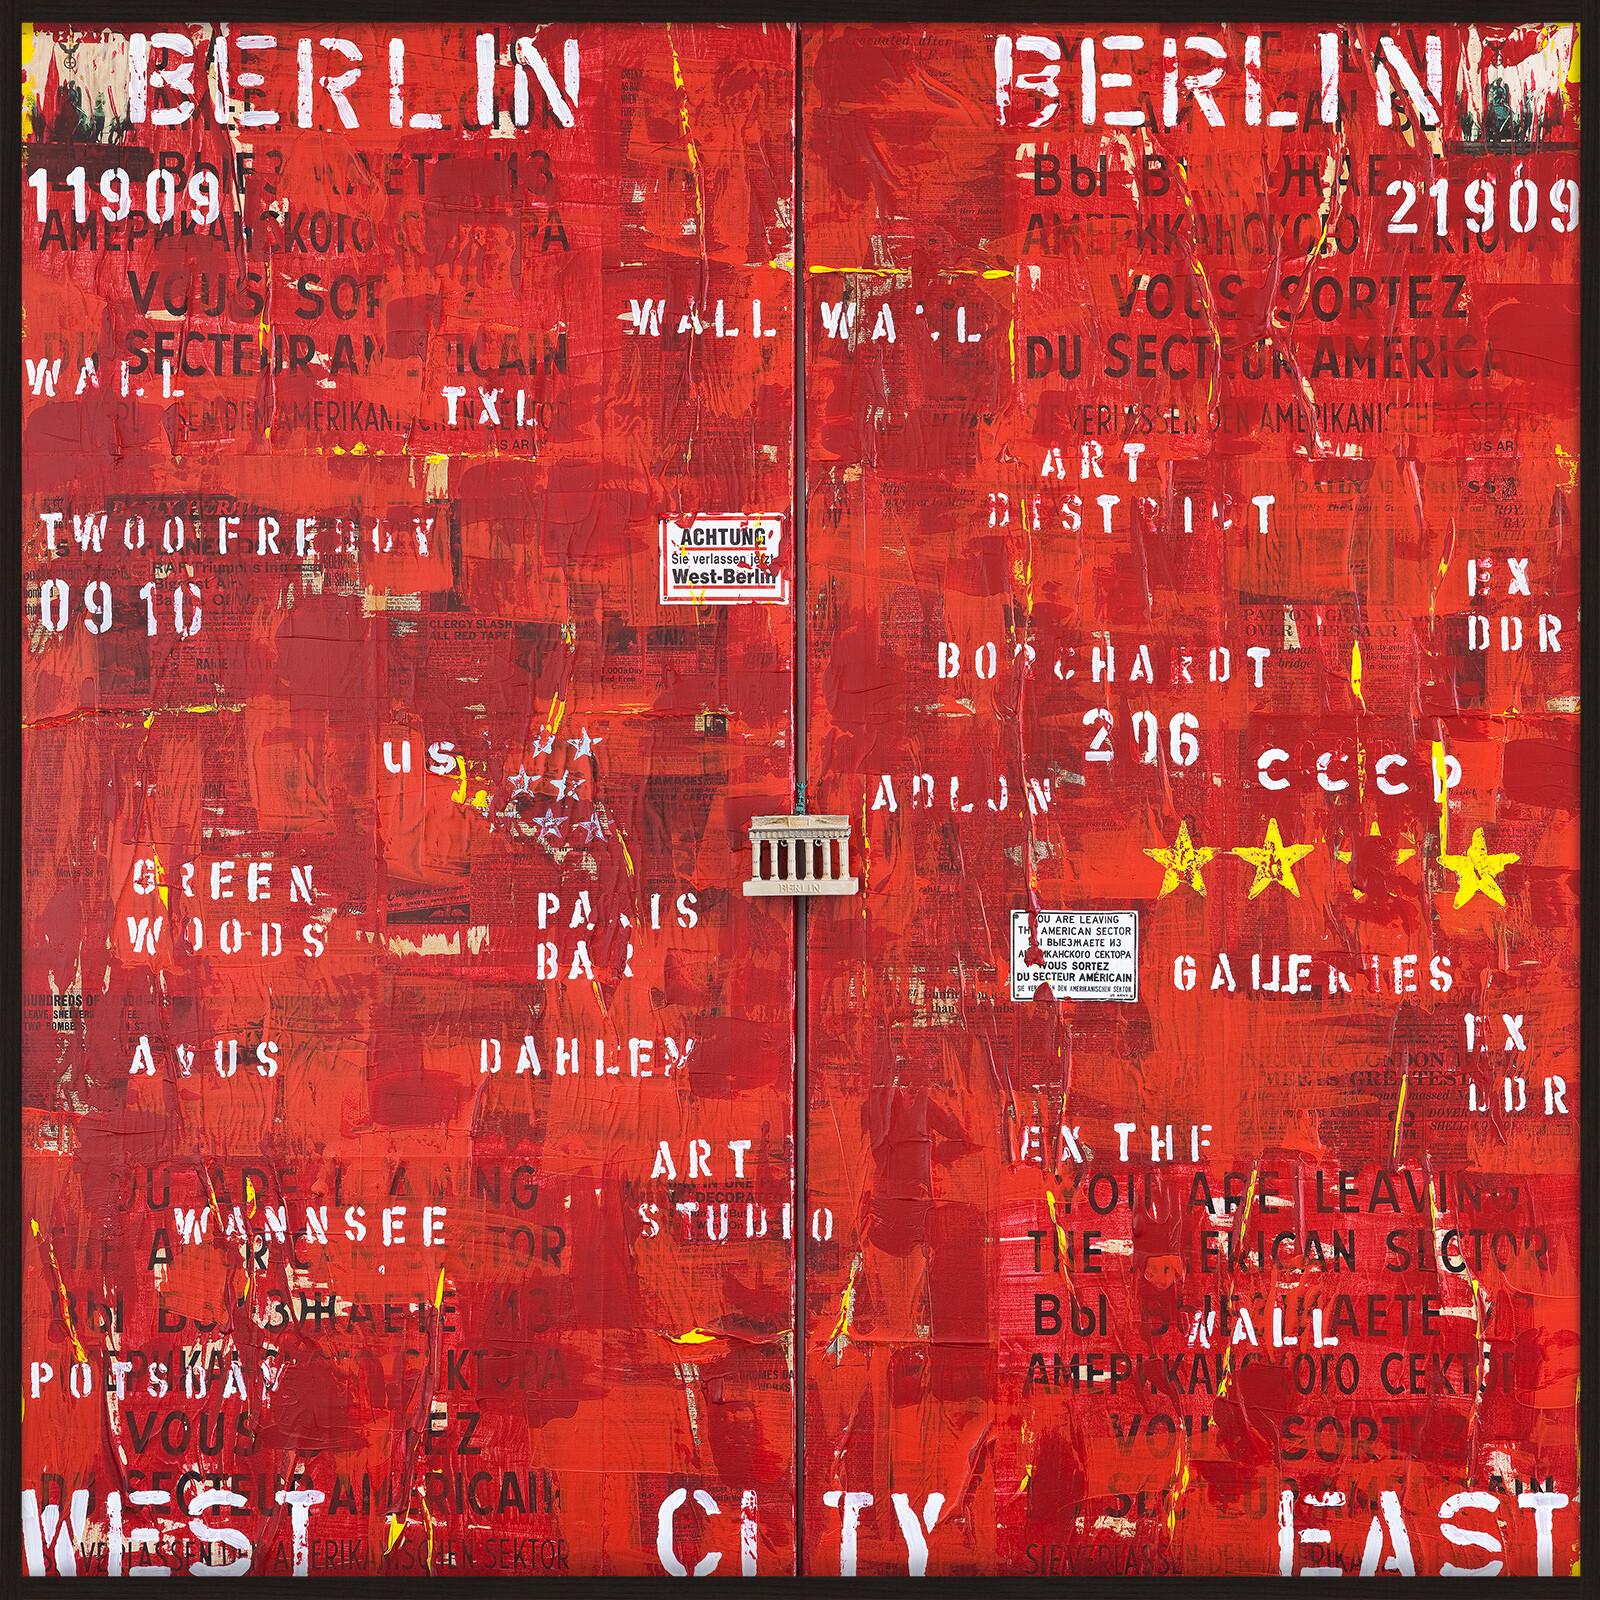 Berlin - Freddy Reitz